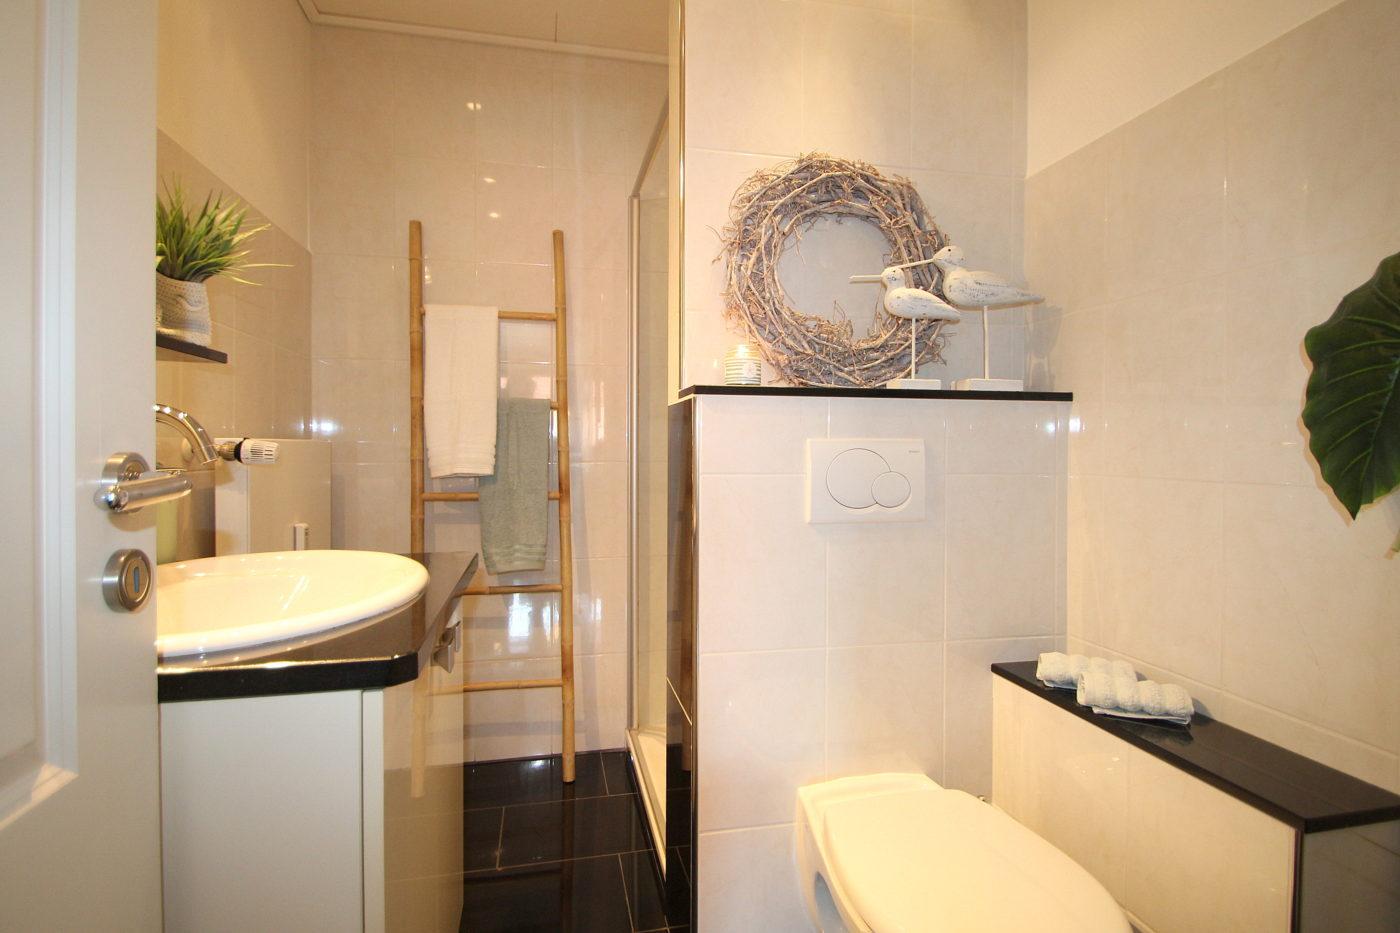 Duschbad nach dem Homestaging durch Nicole Biernath von Blickfang Homestaging in Soest